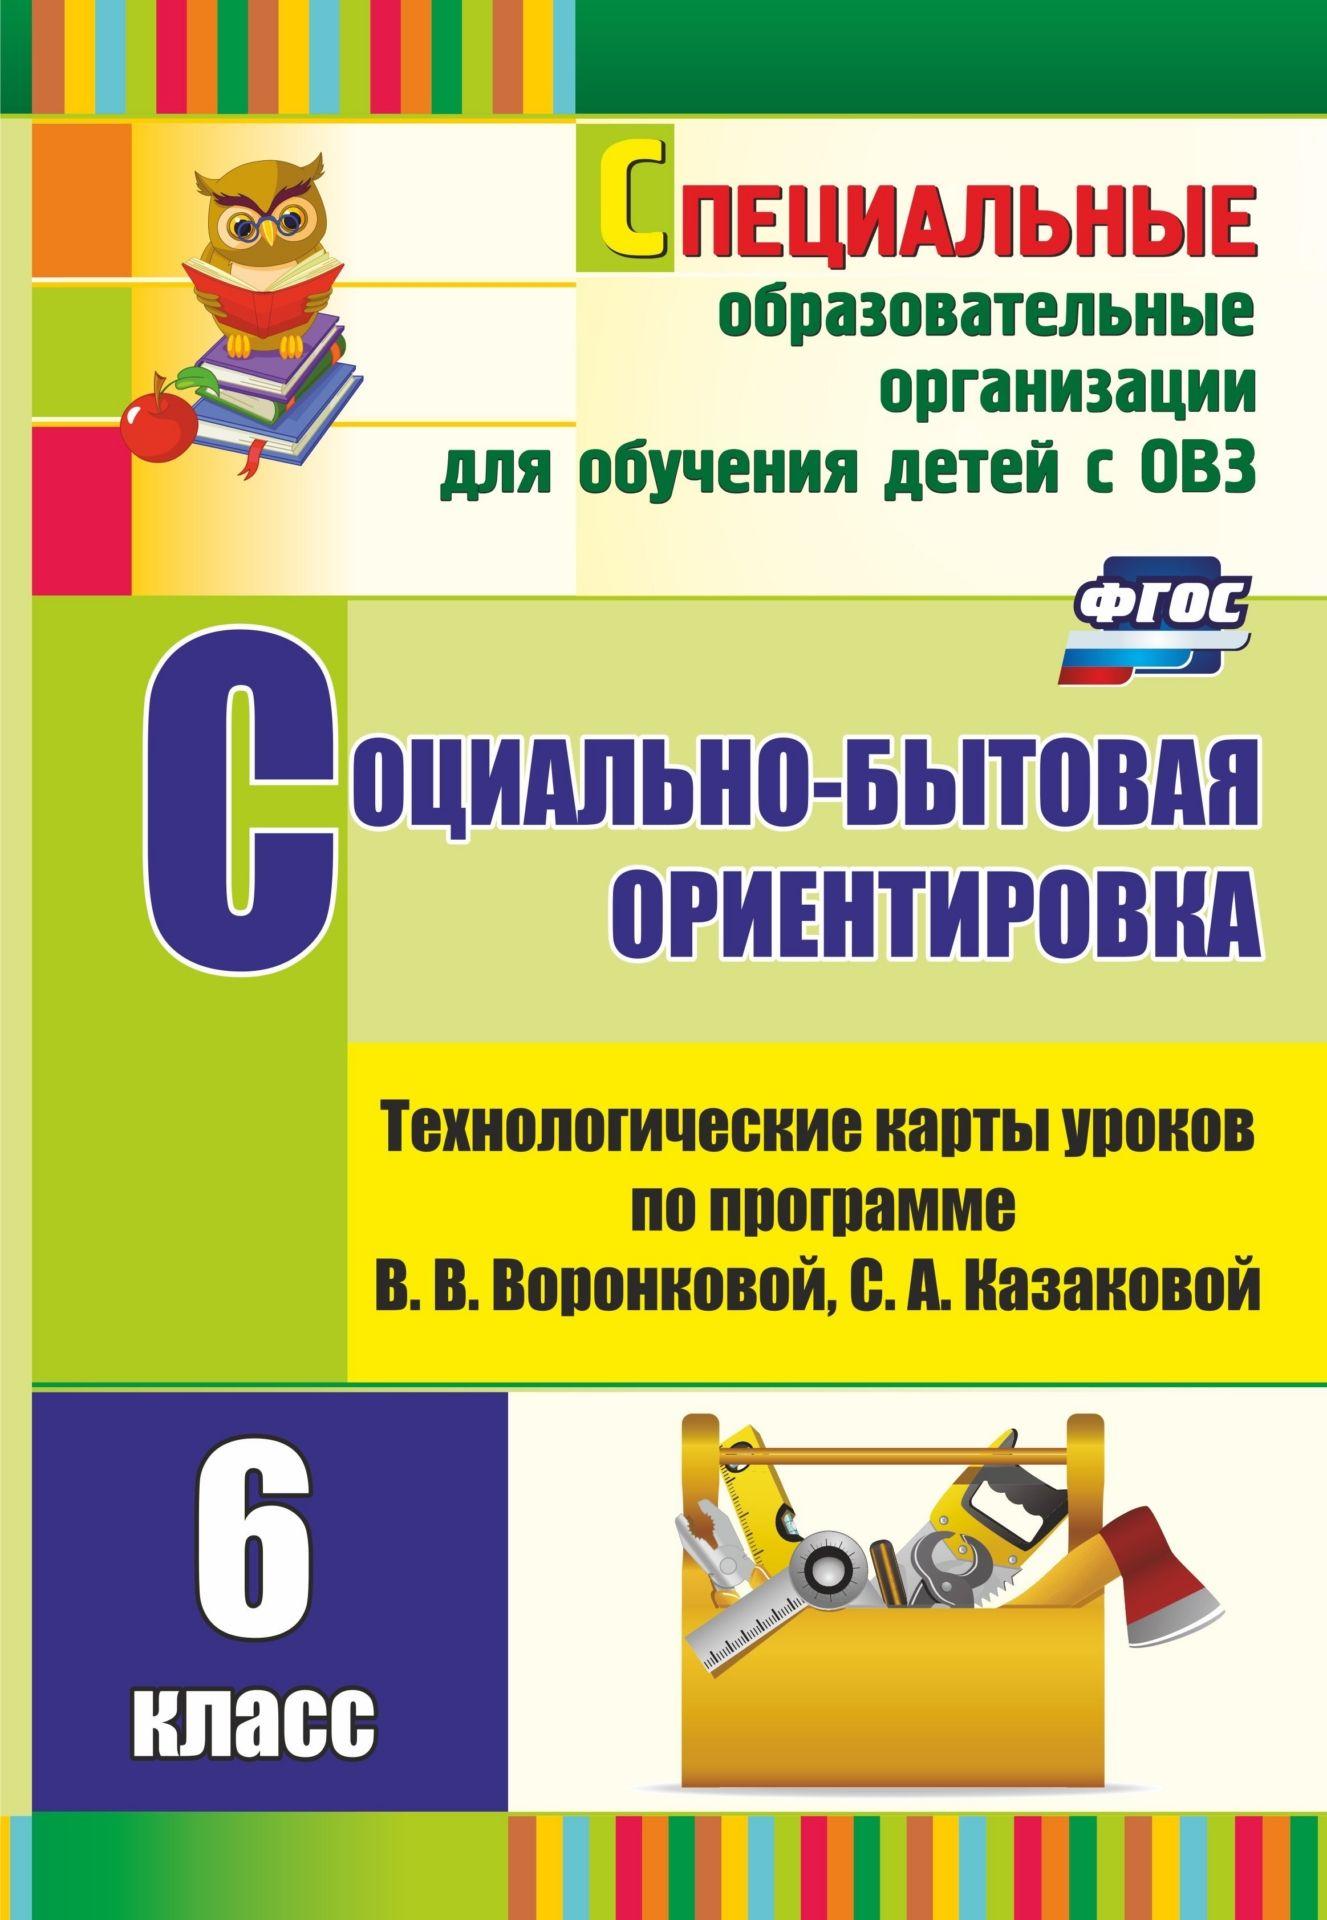 Социально-бытовая ориентировка. 6 класс: технологические карты уроков по программе В. Воронковой, С. А. Казаковой